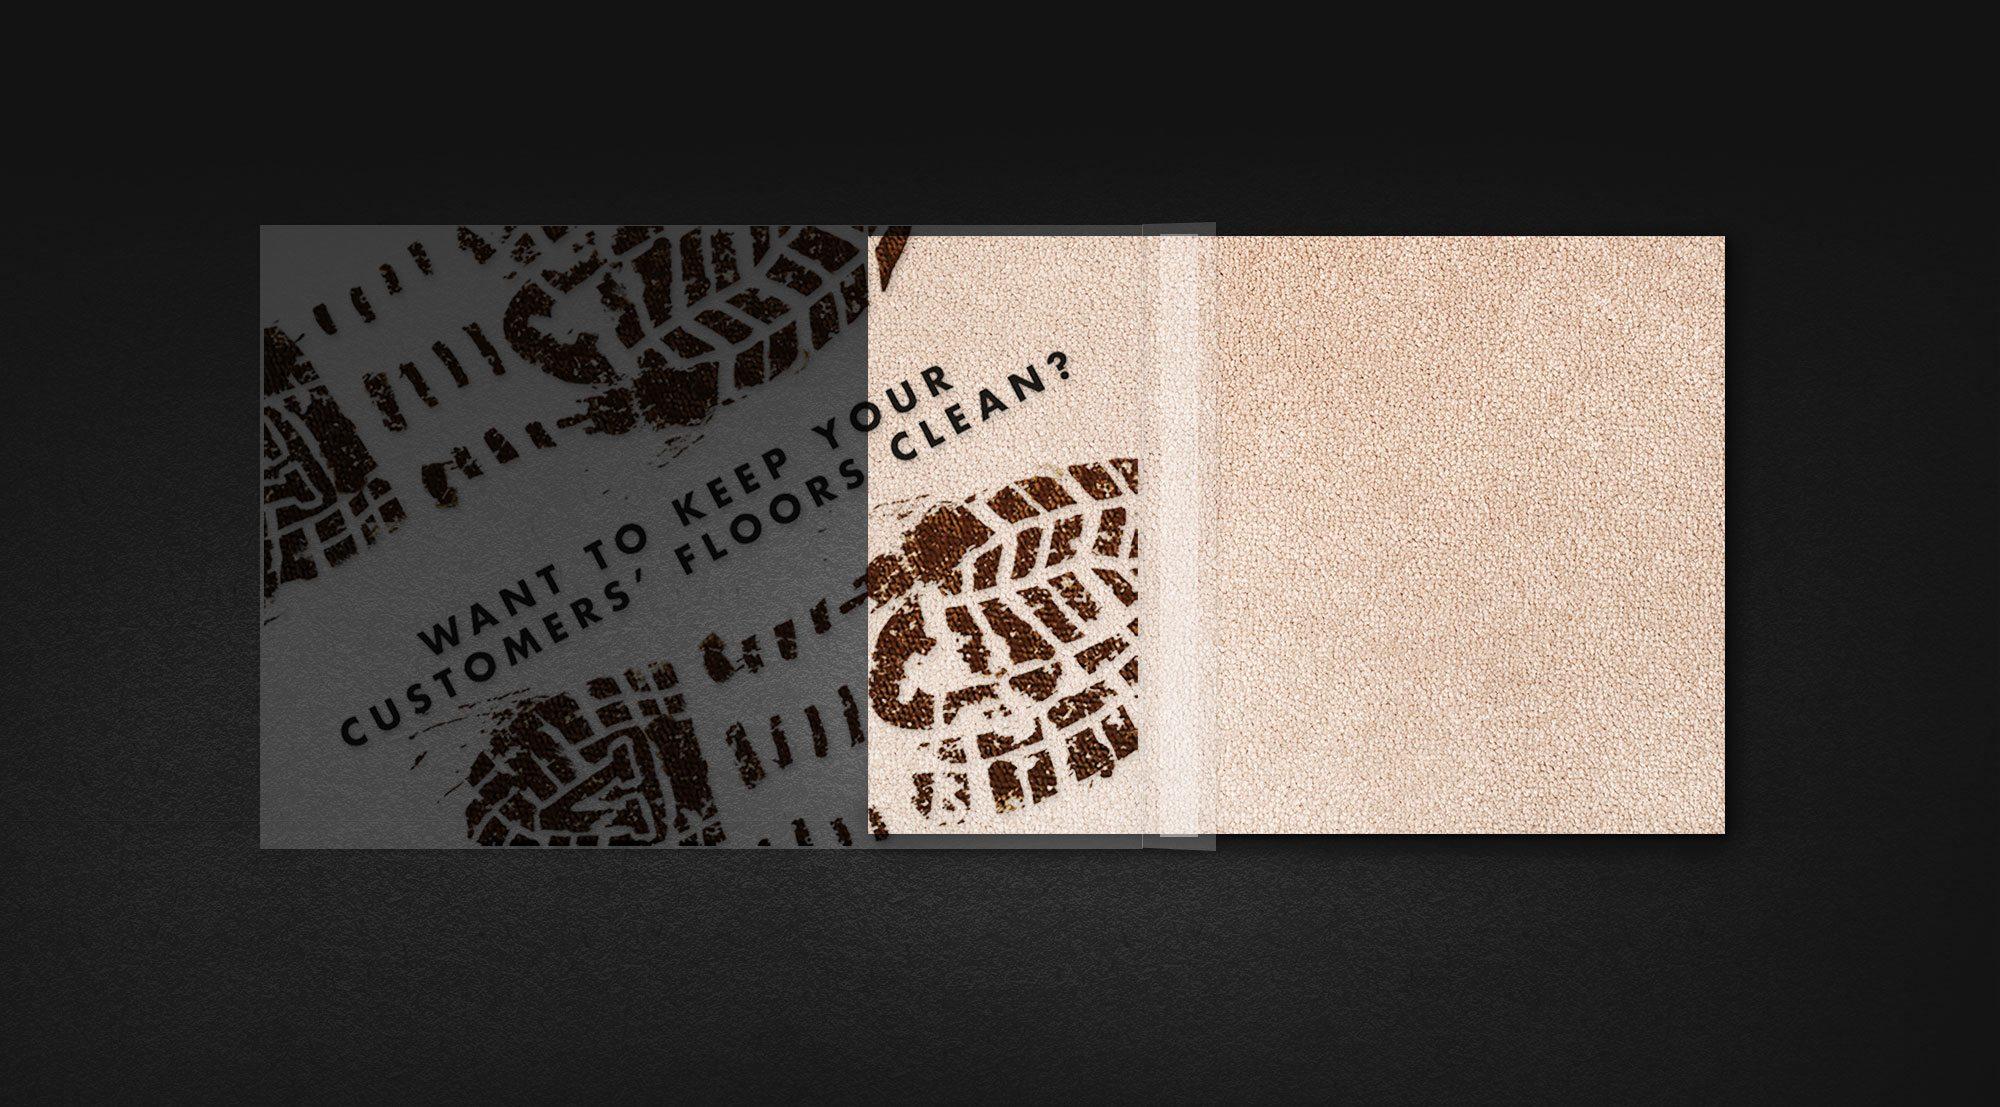 V12 Footwear MukGuard Direct Mail Design